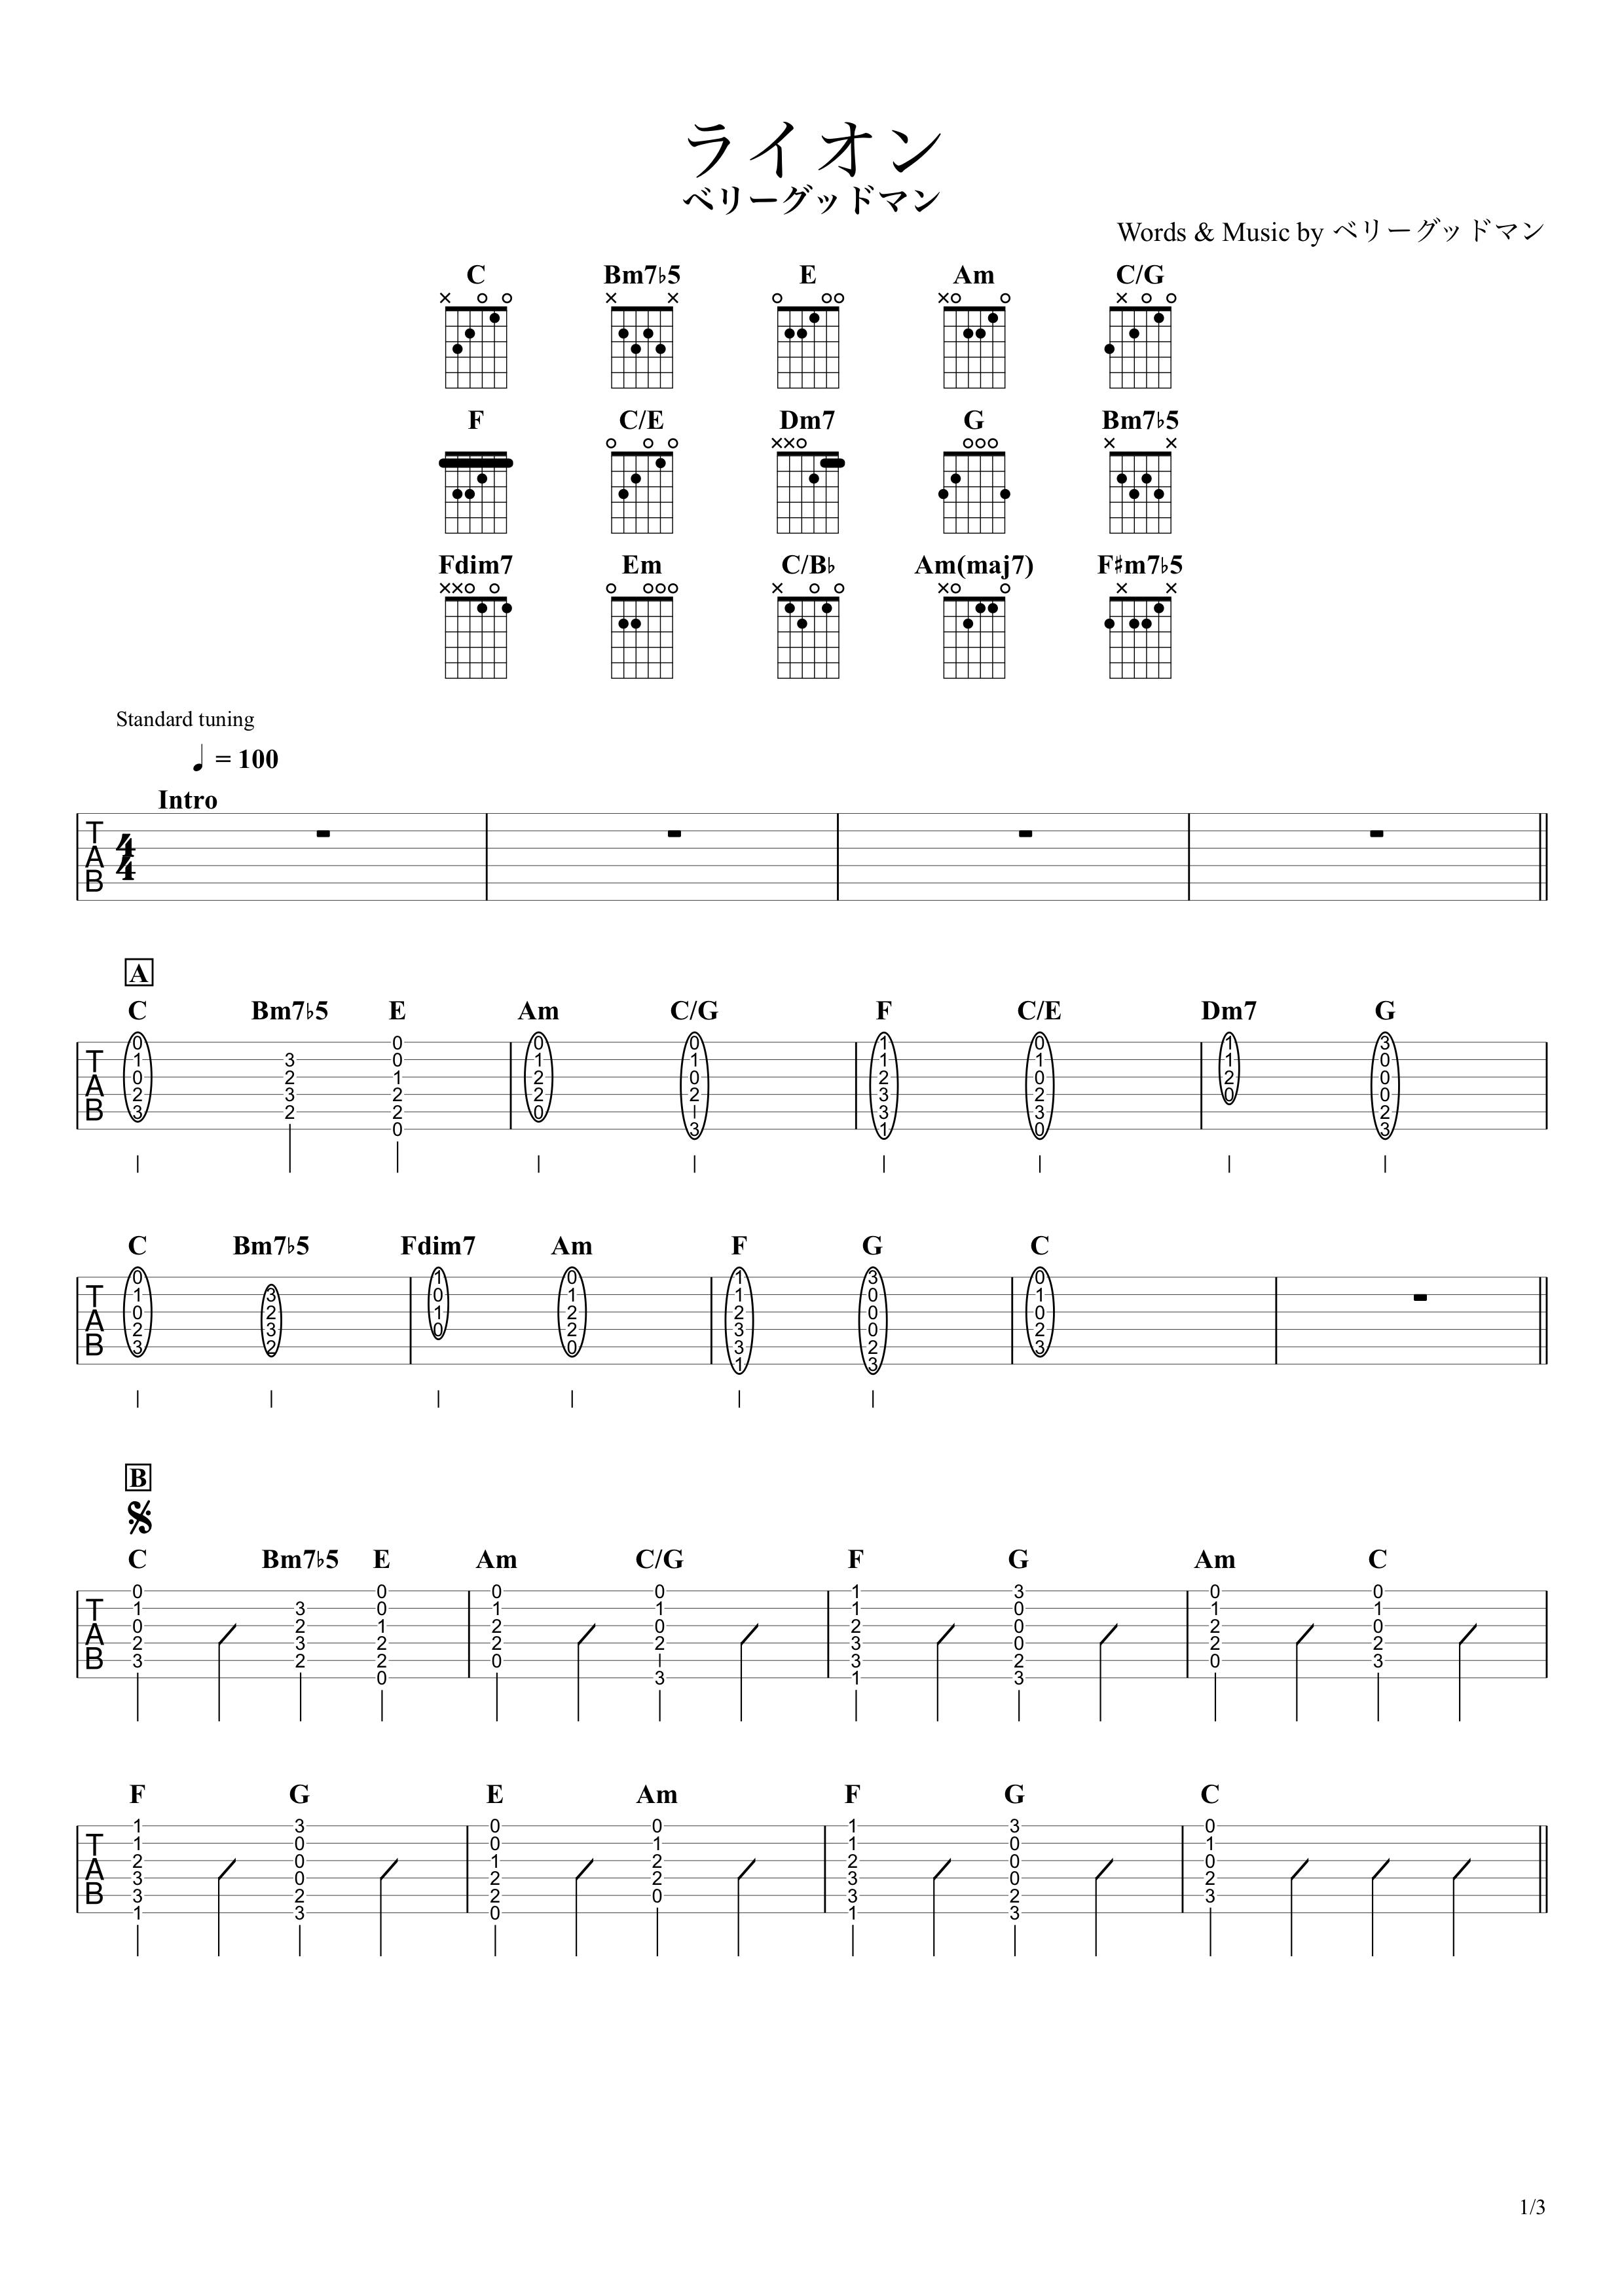 ライオン/ベリーグッドマン ギタータブ譜 アコギで弾くコードストロークアレンジVer.01